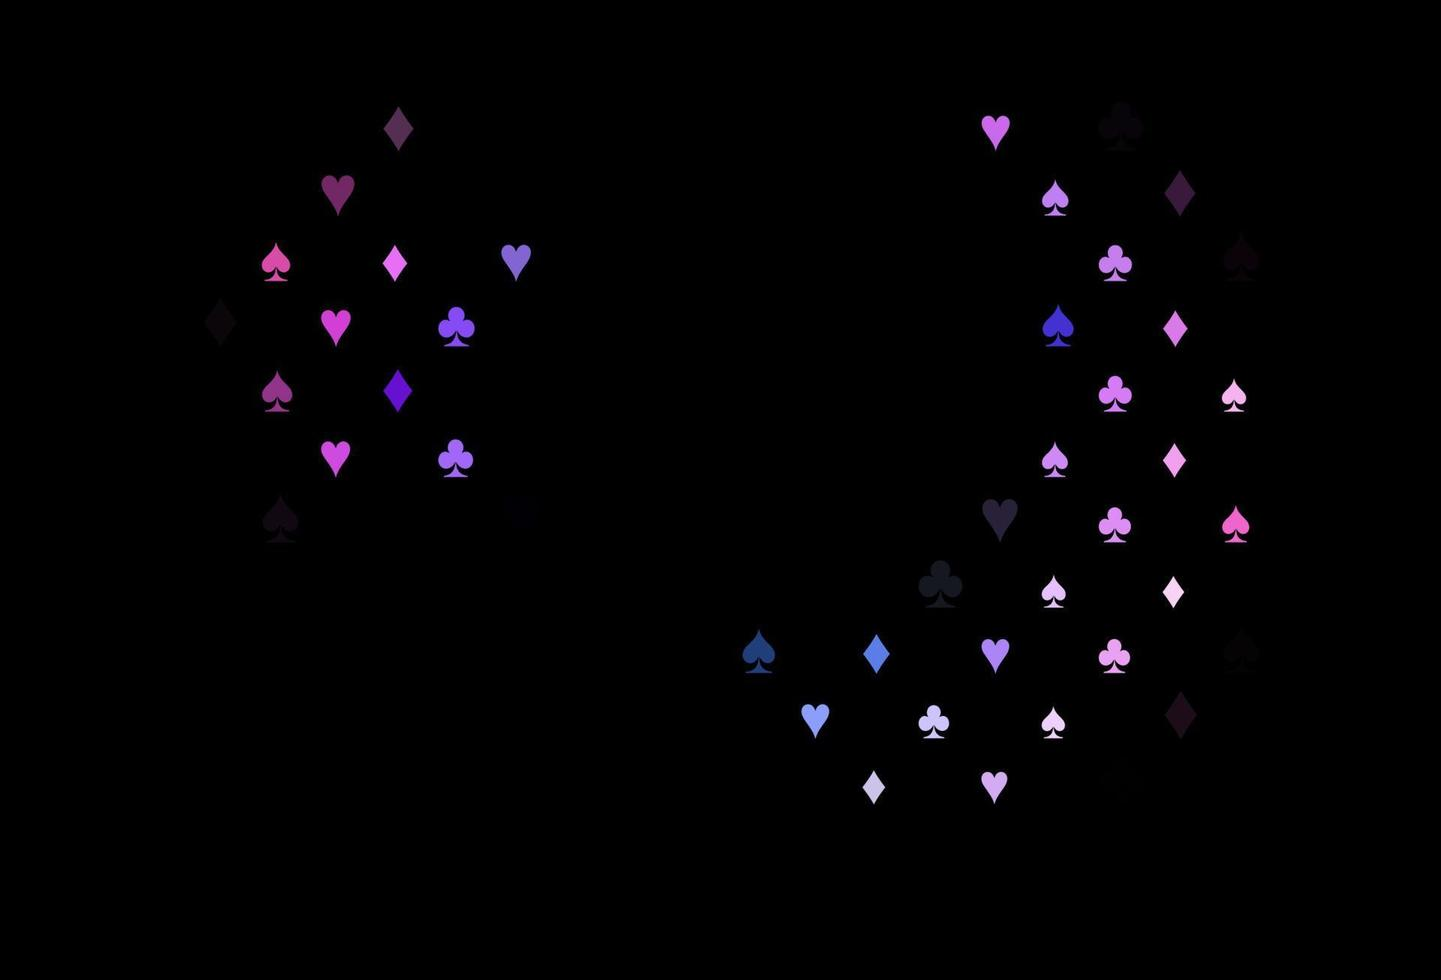 padrão de vetor rosa escuro, azul com símbolo de cartas.